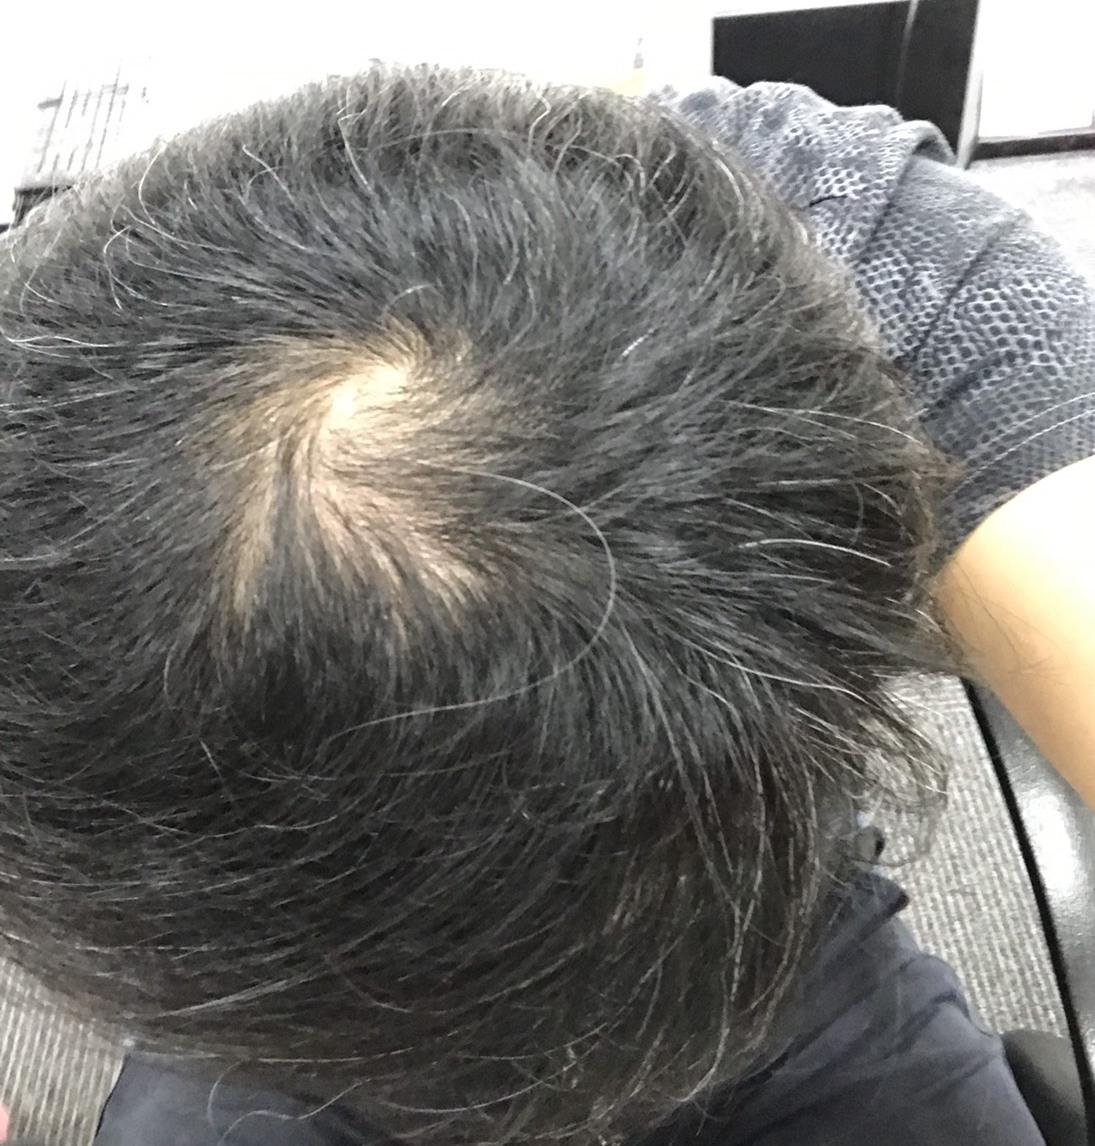 頂部髮量稀疏接受植髮手術前